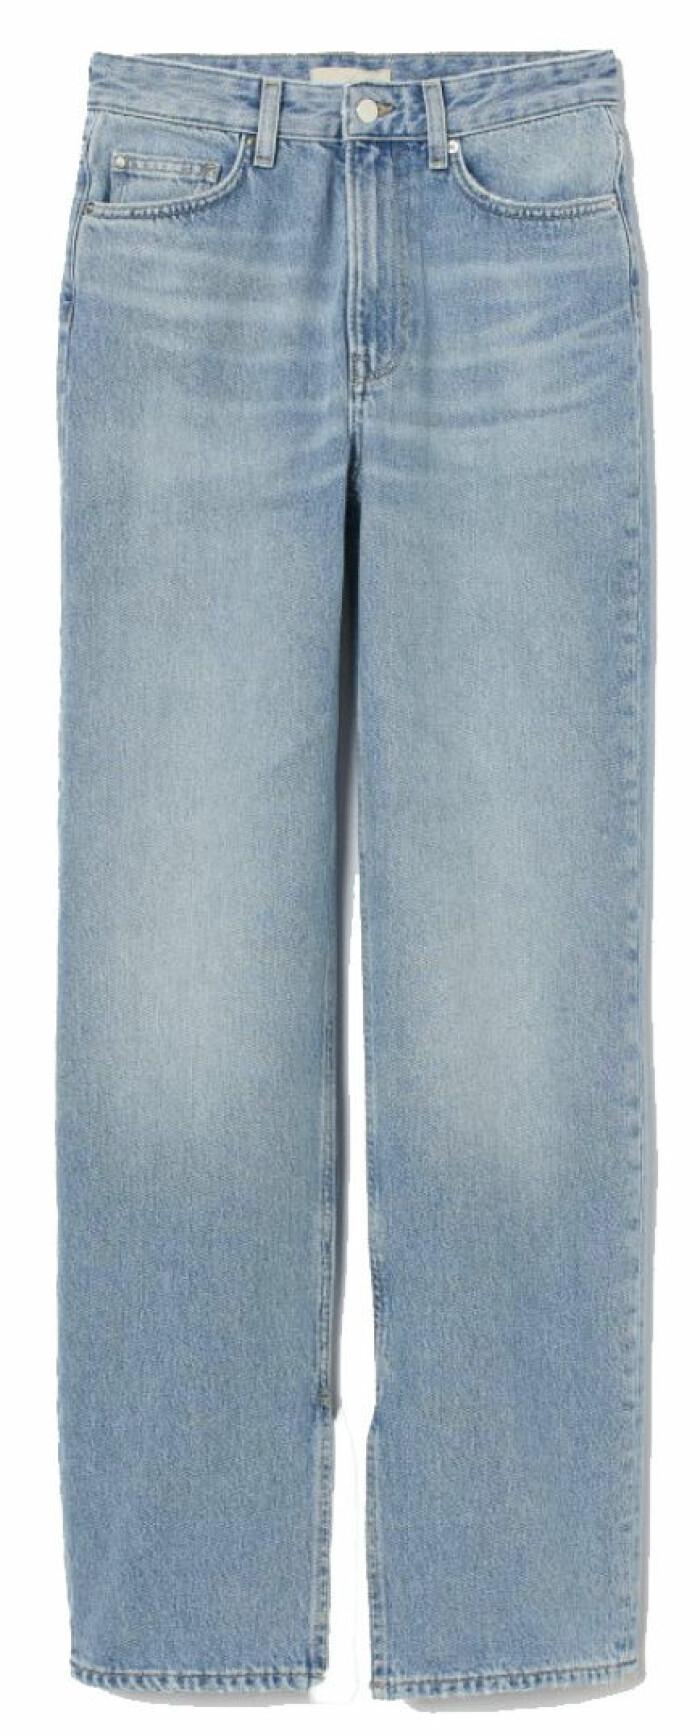 Jeans från H&M i rak modell med dekorativ slits vid byxornas benslut.